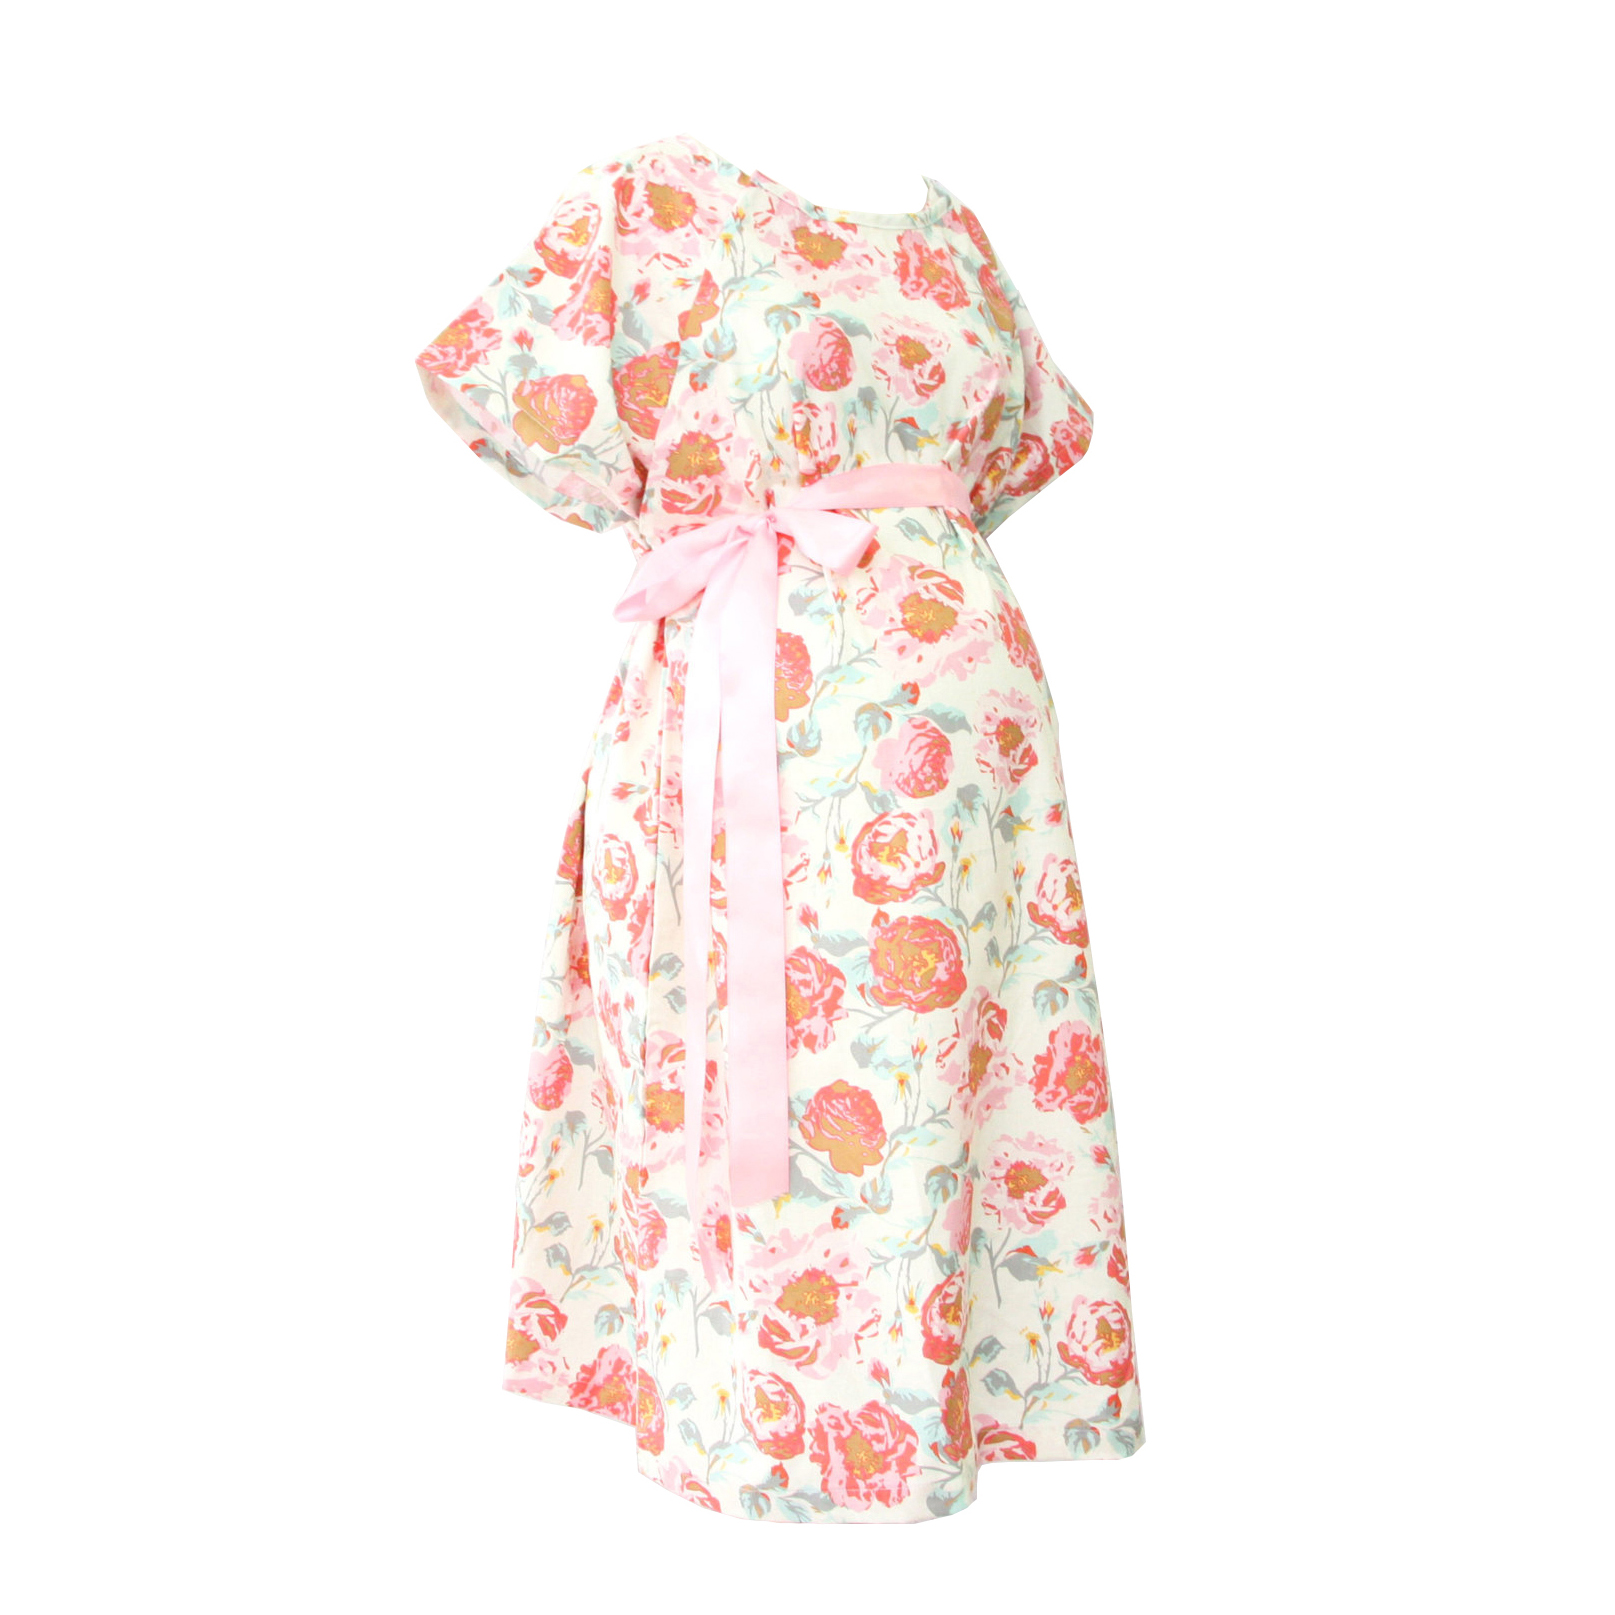 Felicity's Vintage Floral, Caden Lane Gifts, $49 -